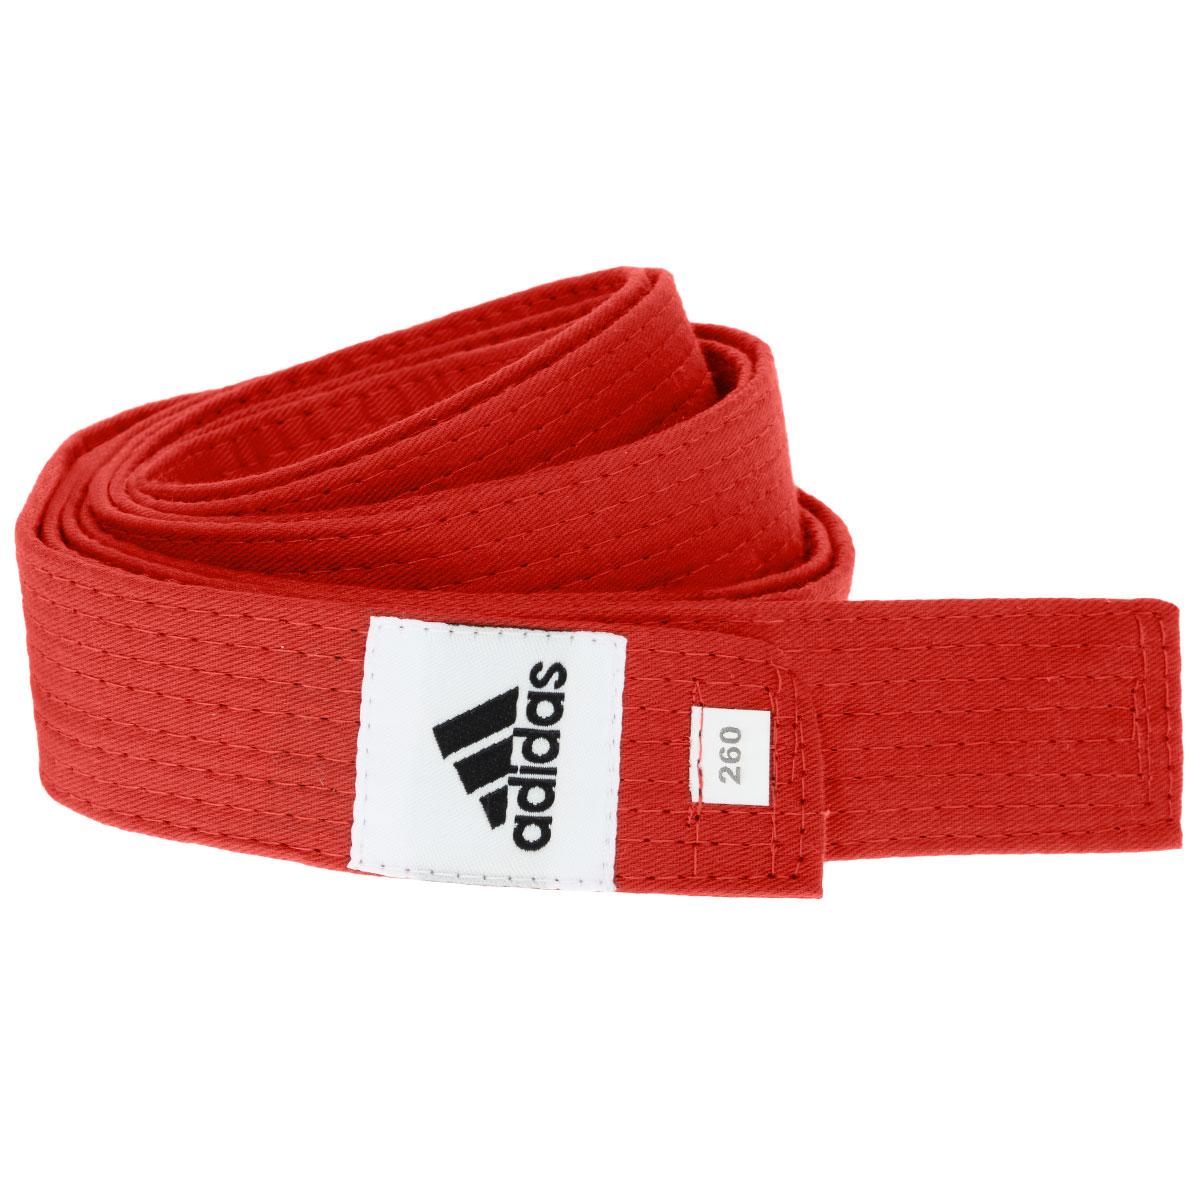 Пояс для единоборств adidas Club, цвет: красный. adiB220. Длина 280 смadiB220Пояс для единоборств adidas Club - универсальный пояс для кимоно. Пояс выполнен из плотного хлопкового материала с прострочкой.Такой пояс - необходимый аксессуар для тех, кто занимается боевыми искусствами.